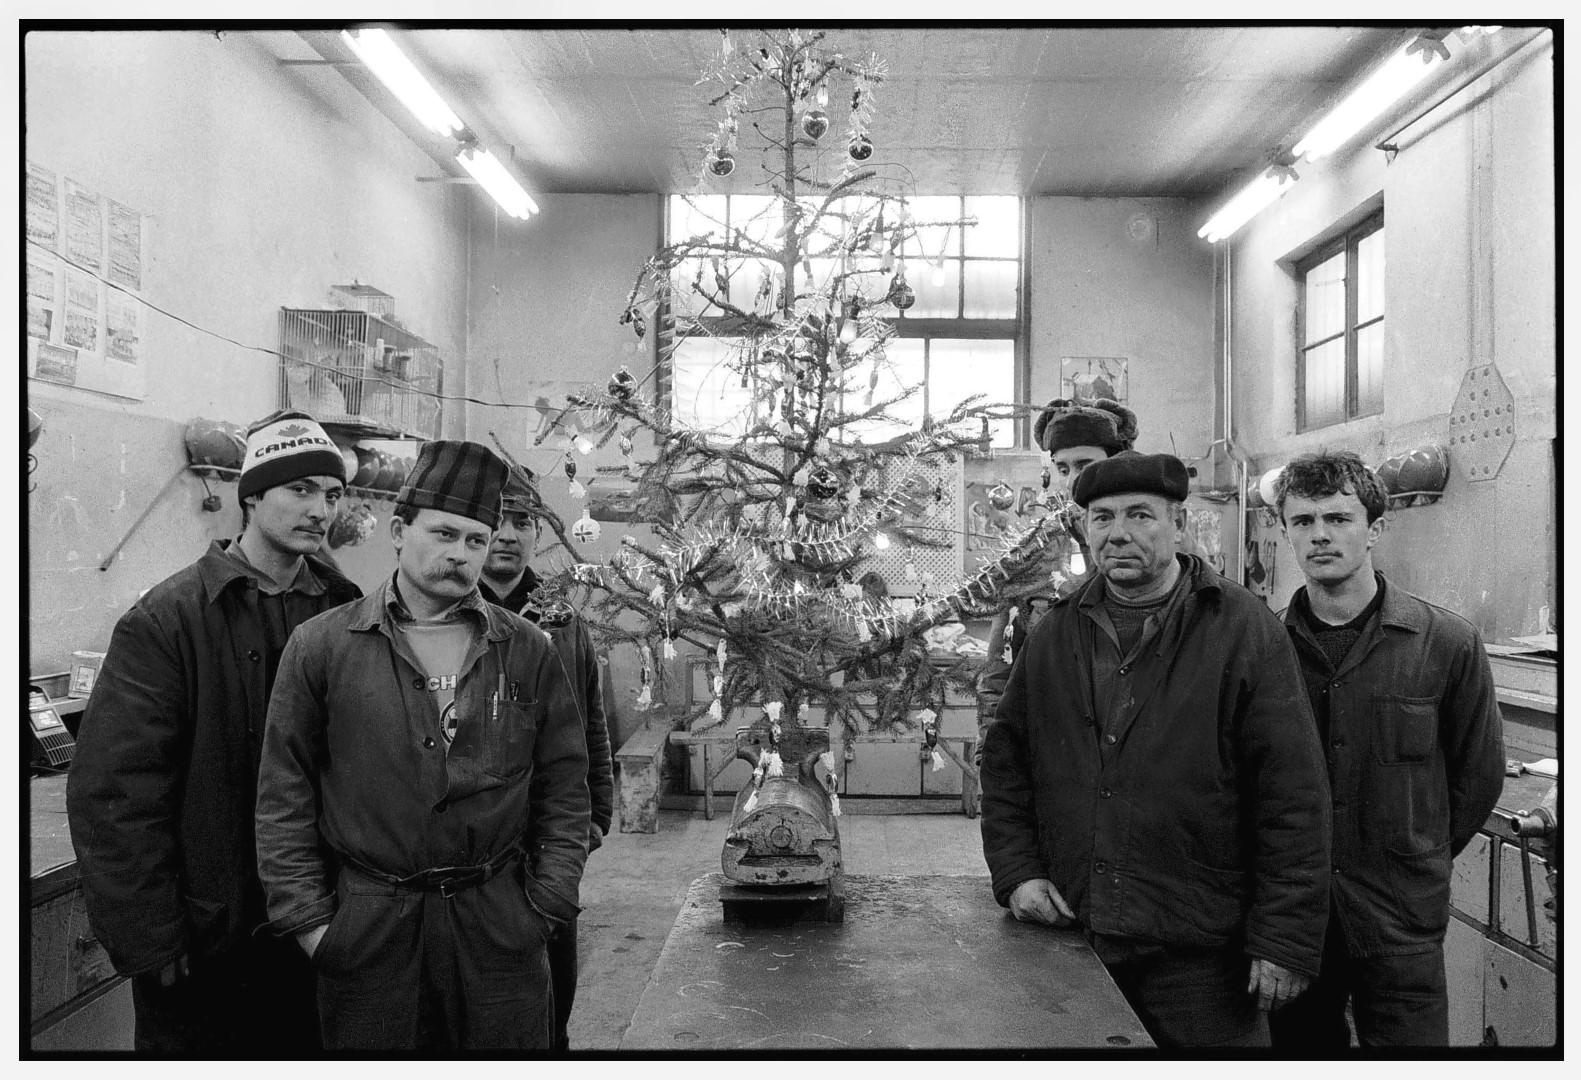 Benkő Imre, Csőszerelő műhely, Ózd I Plumber's Workshop, Ózd, Hungary, 1989 © Benkő Imre